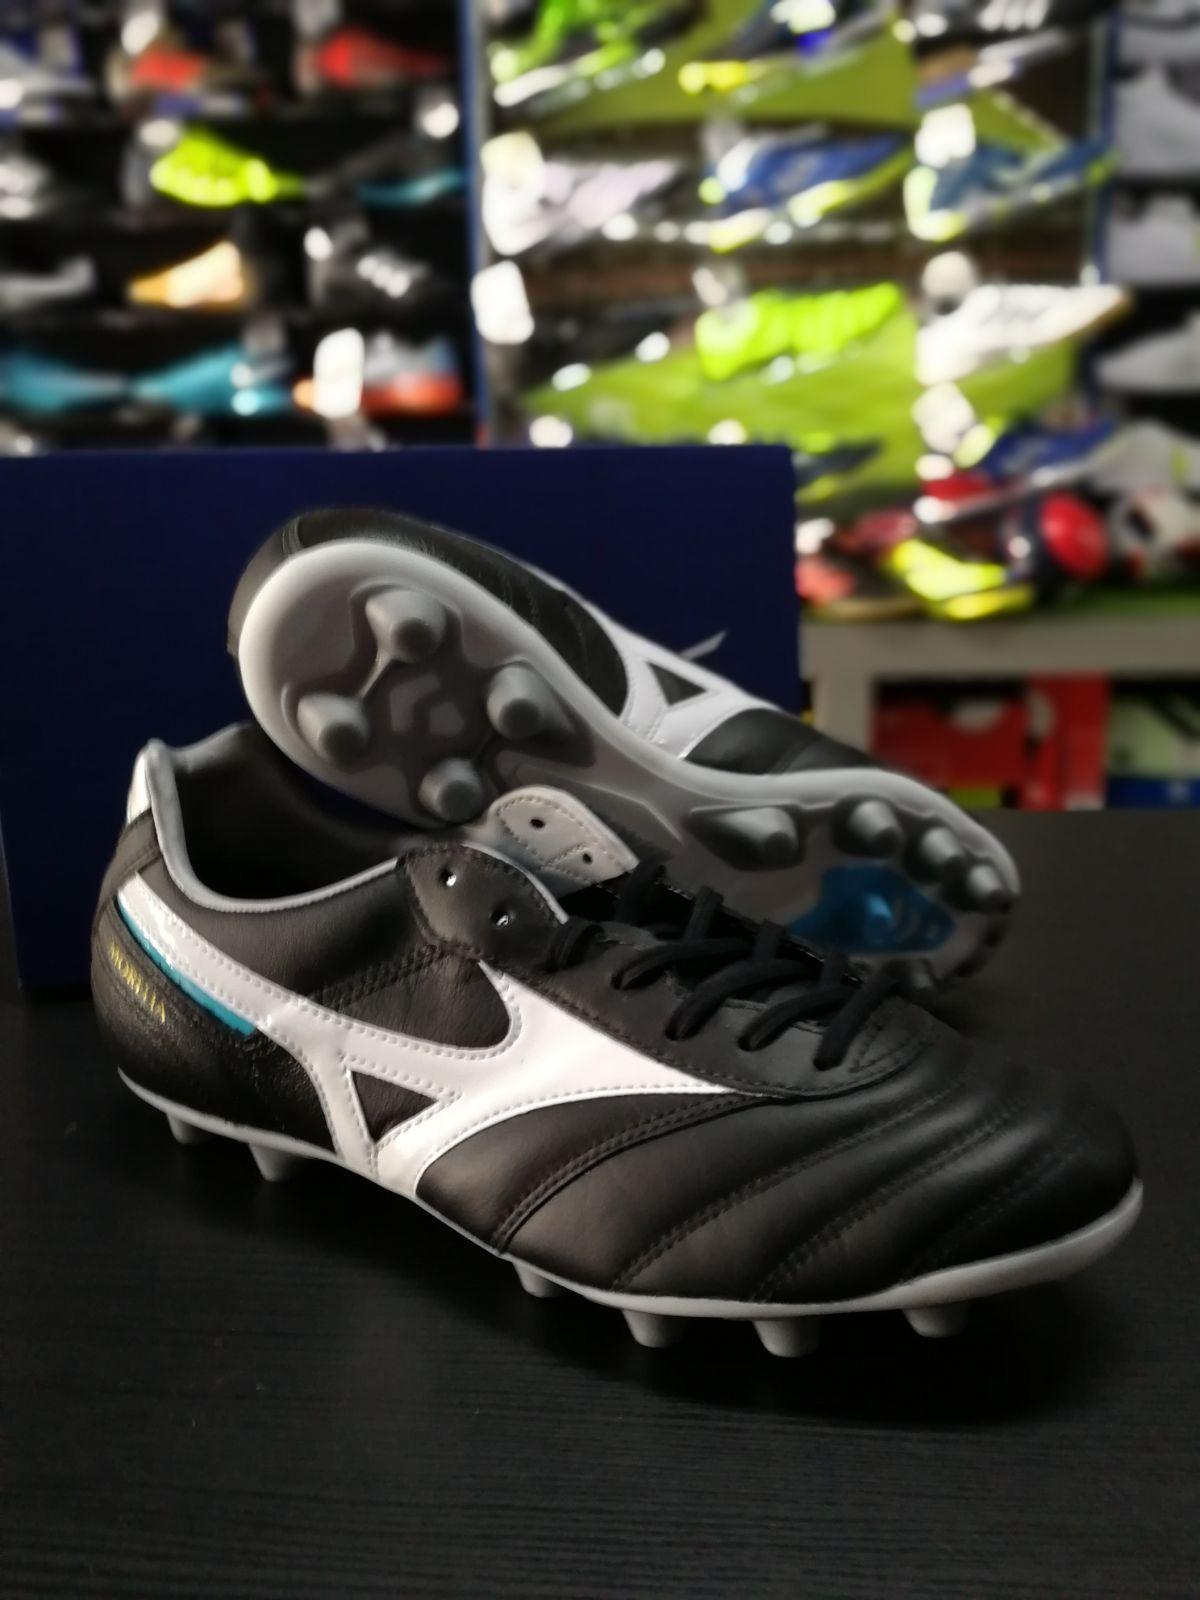 Football-shoes-Mizuno-Scarpe-Calcio-Morelia-II-MD-FG-Nero-2018-Pelle-di-cangur miniatura 3